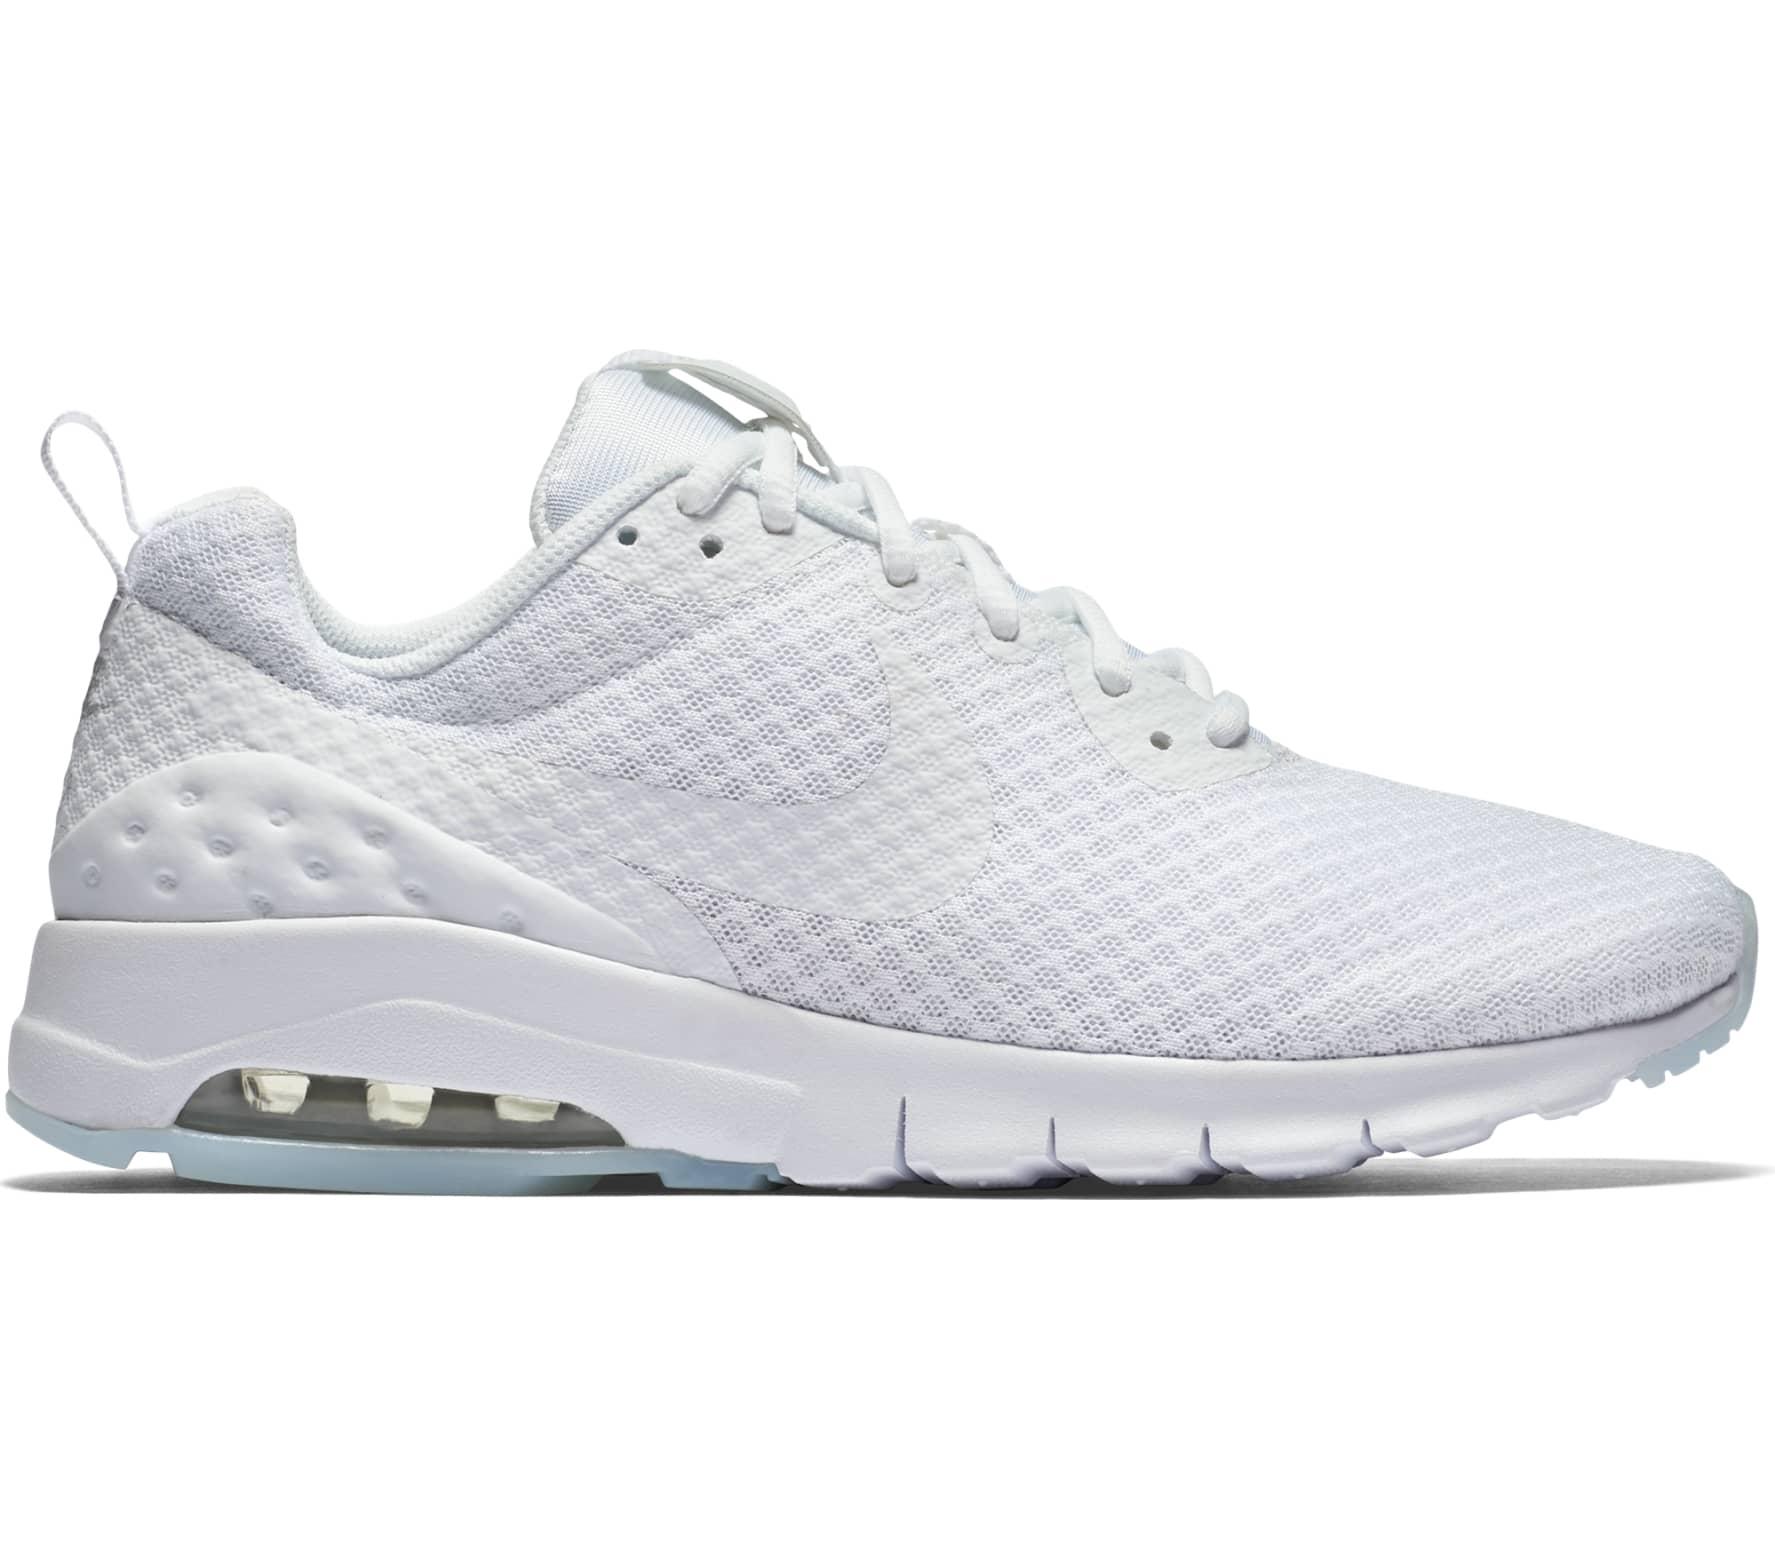 Nike AM16 UL Dam sneaker EU 38 US 7 vit